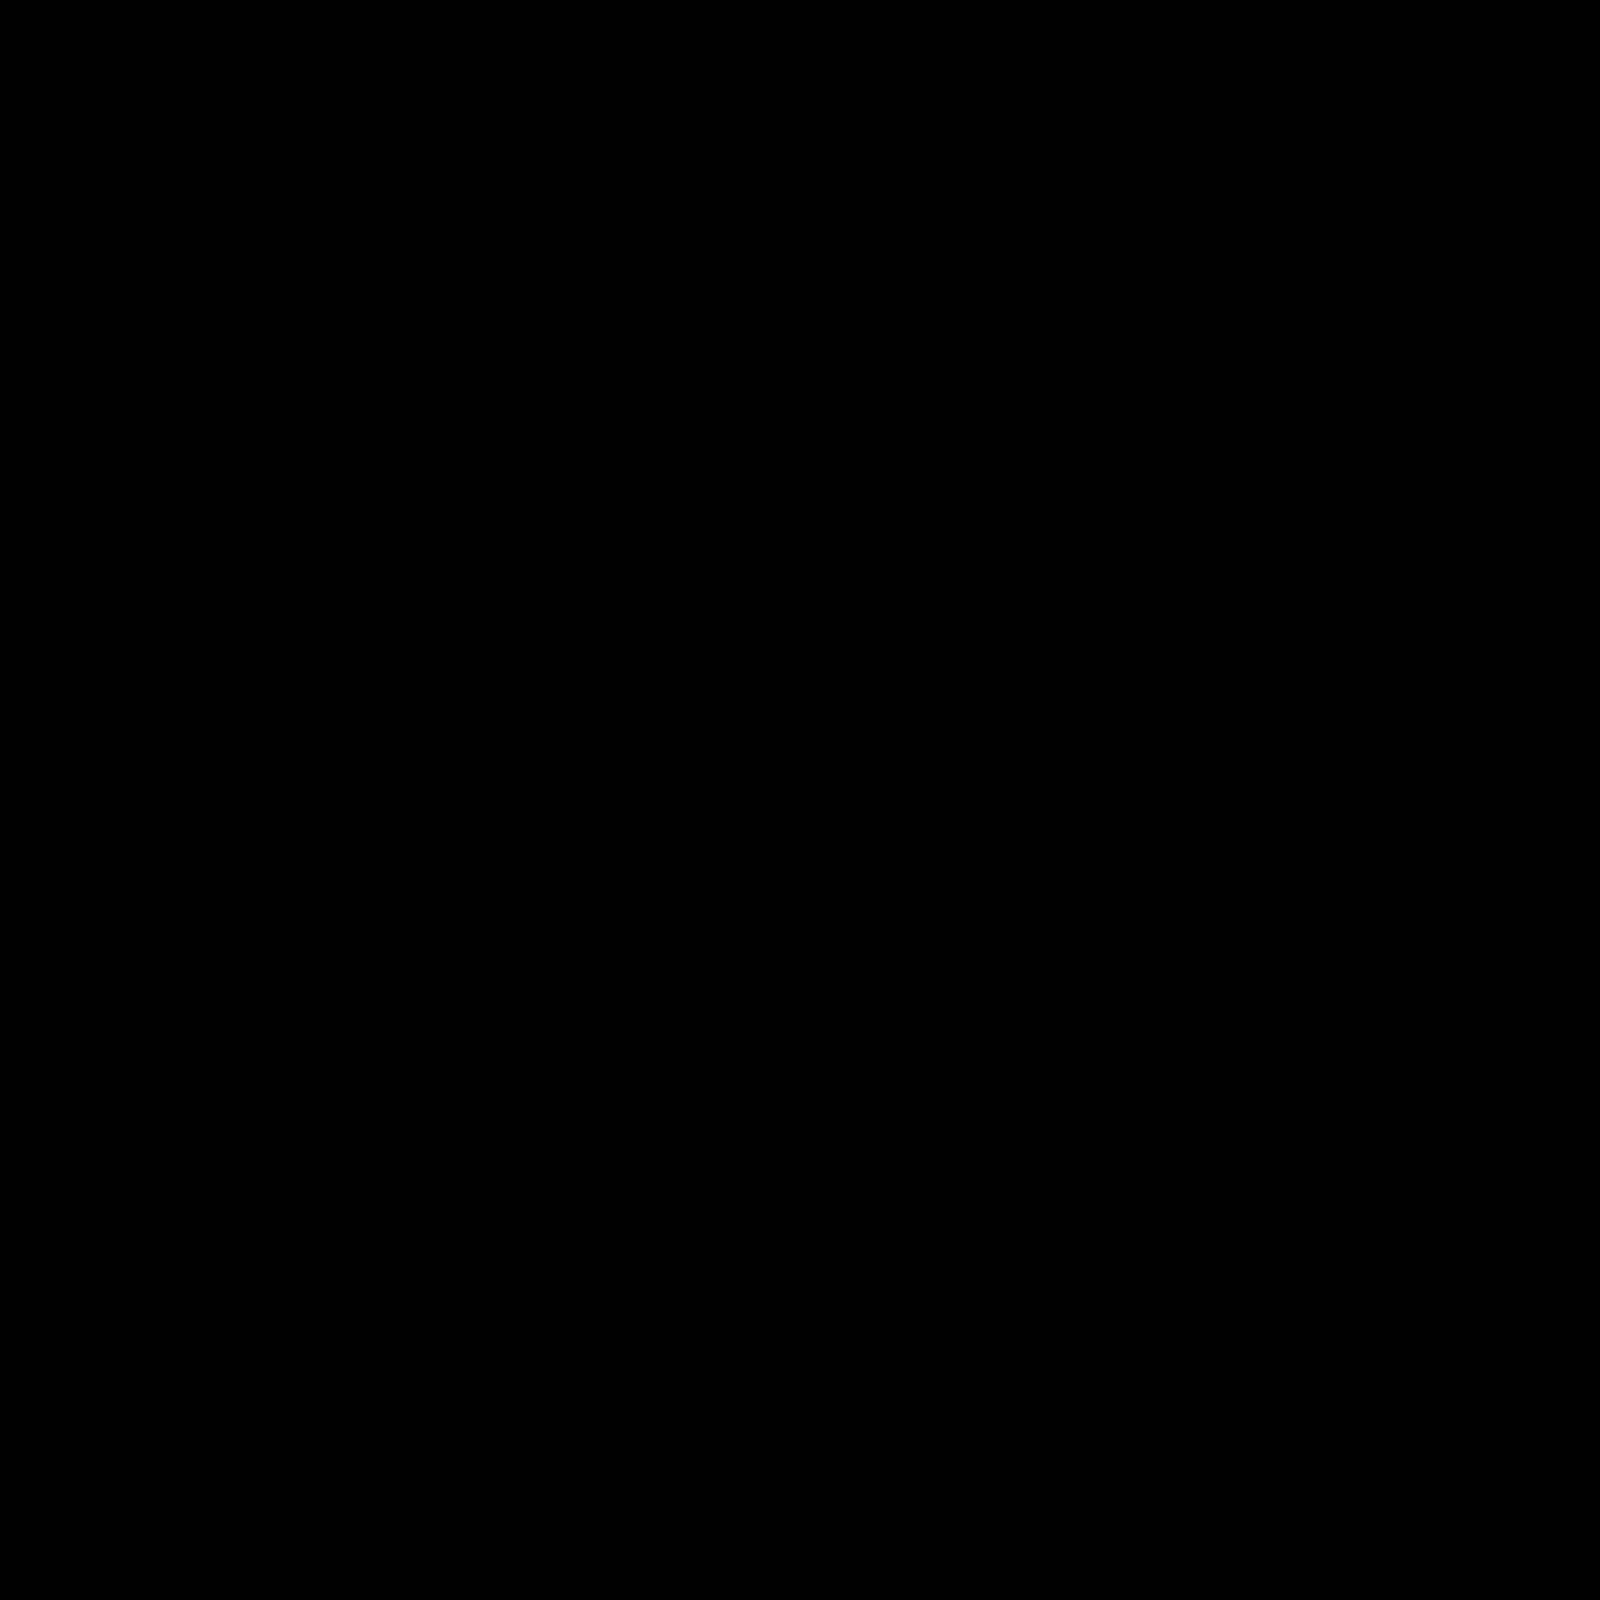 反時計回りにページを回転する icon